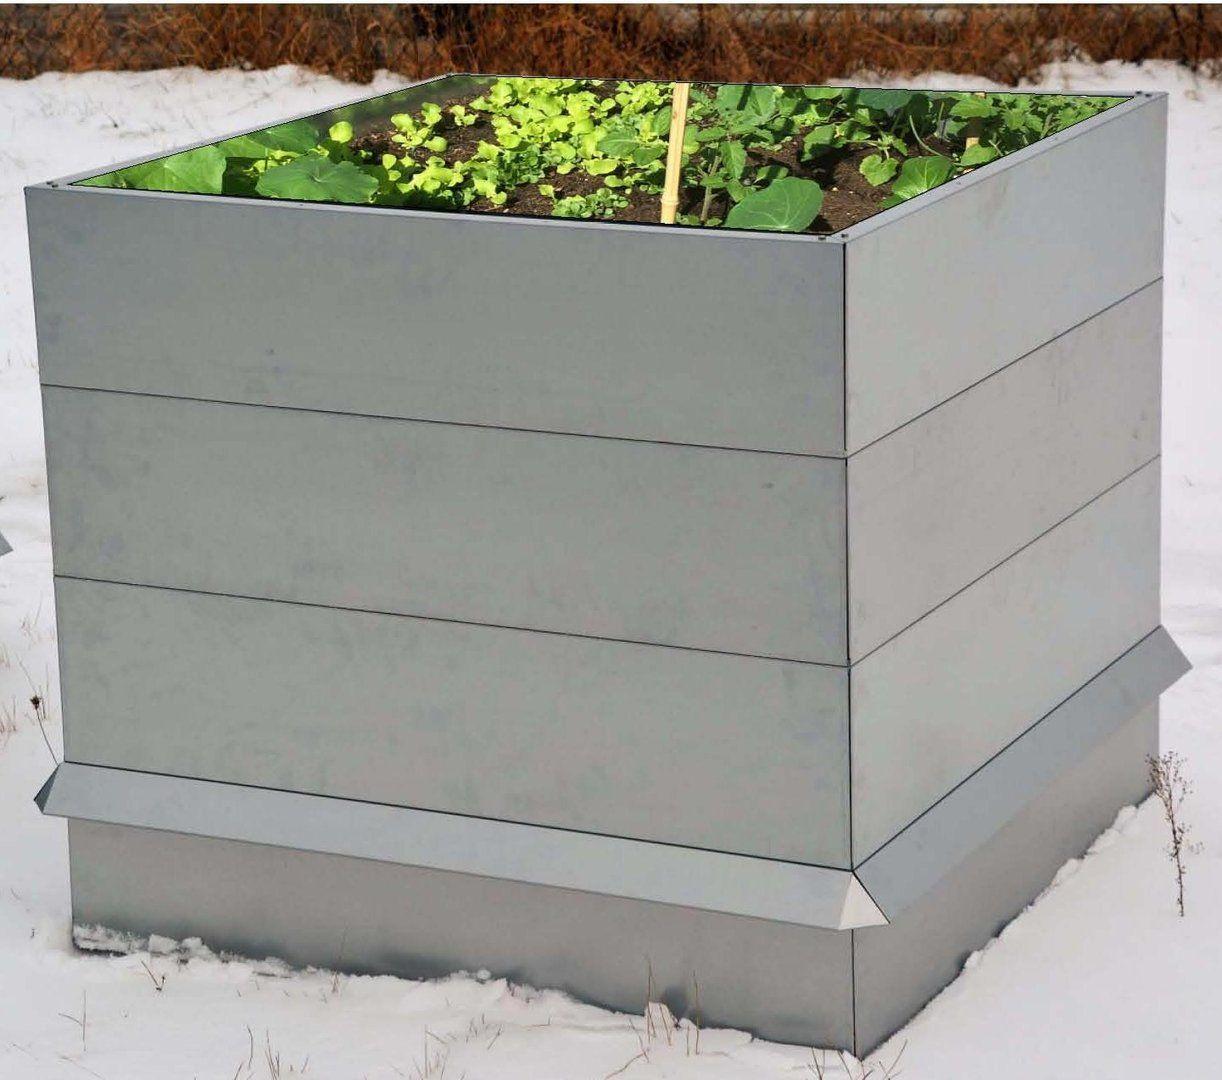 Hochbeet Metall Mit Schneckenzaun Metall 1 M X 2 M 90 Cm Hoch Schneckenzaun Hochbeet Garten Ideen